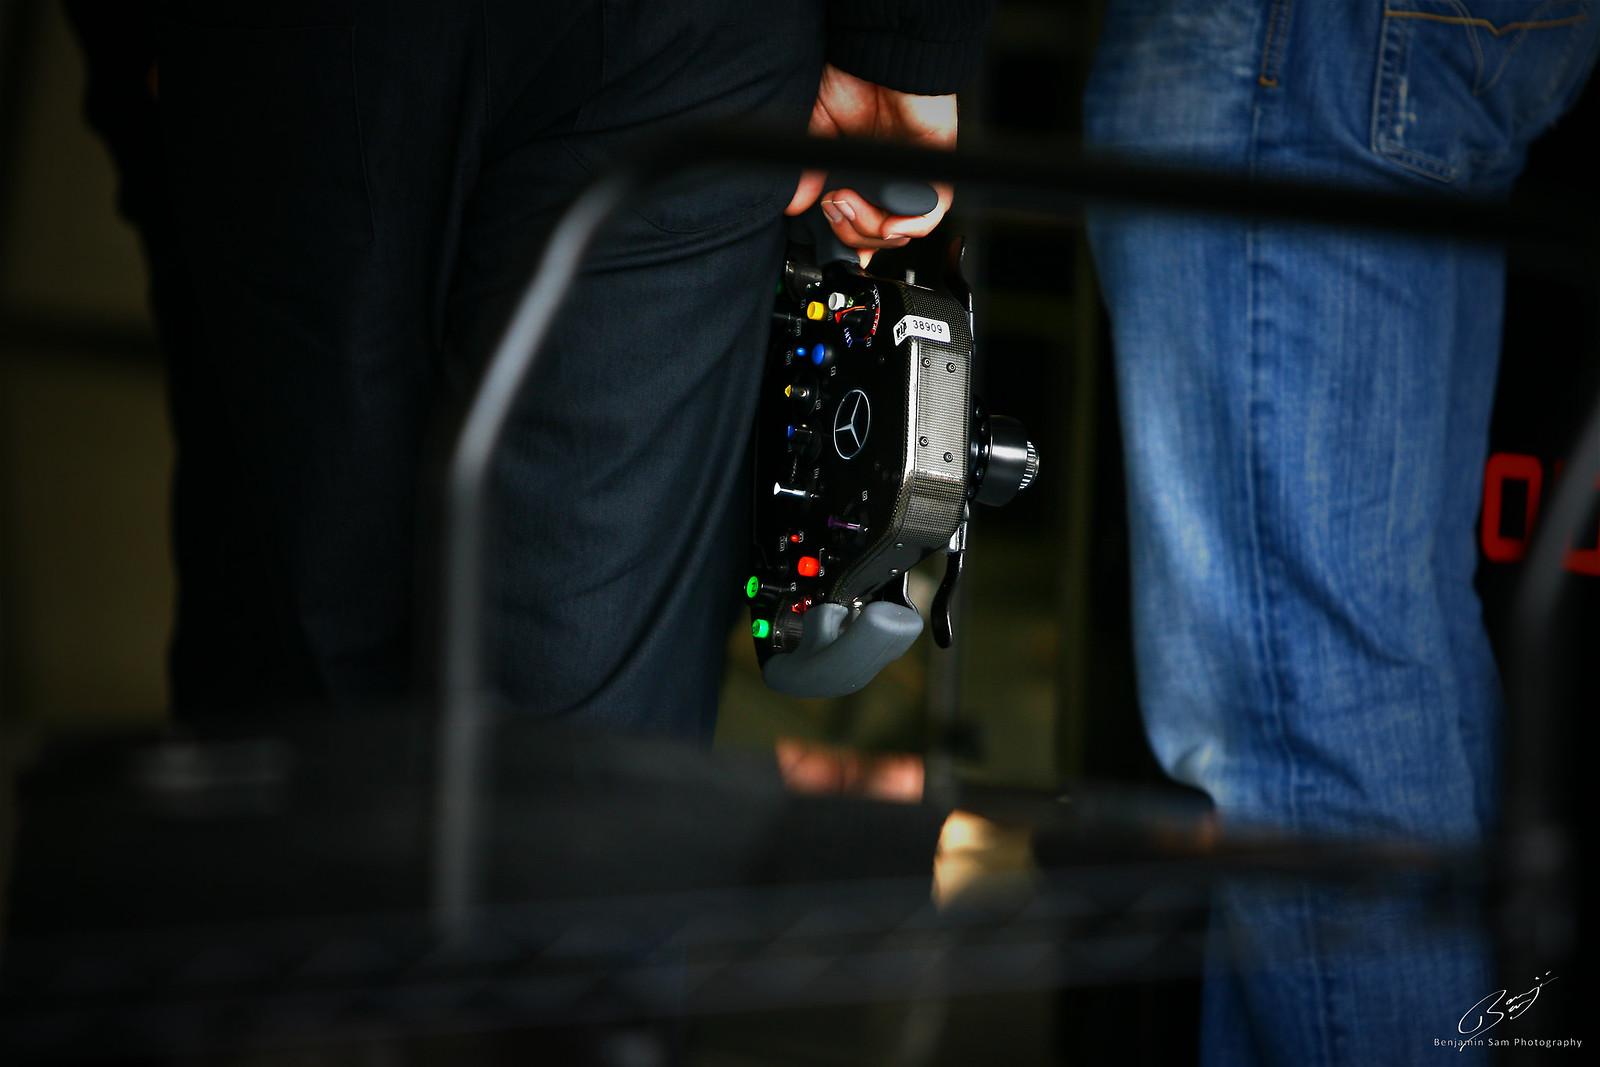 Mercedes F1 Steering Wheel 2011